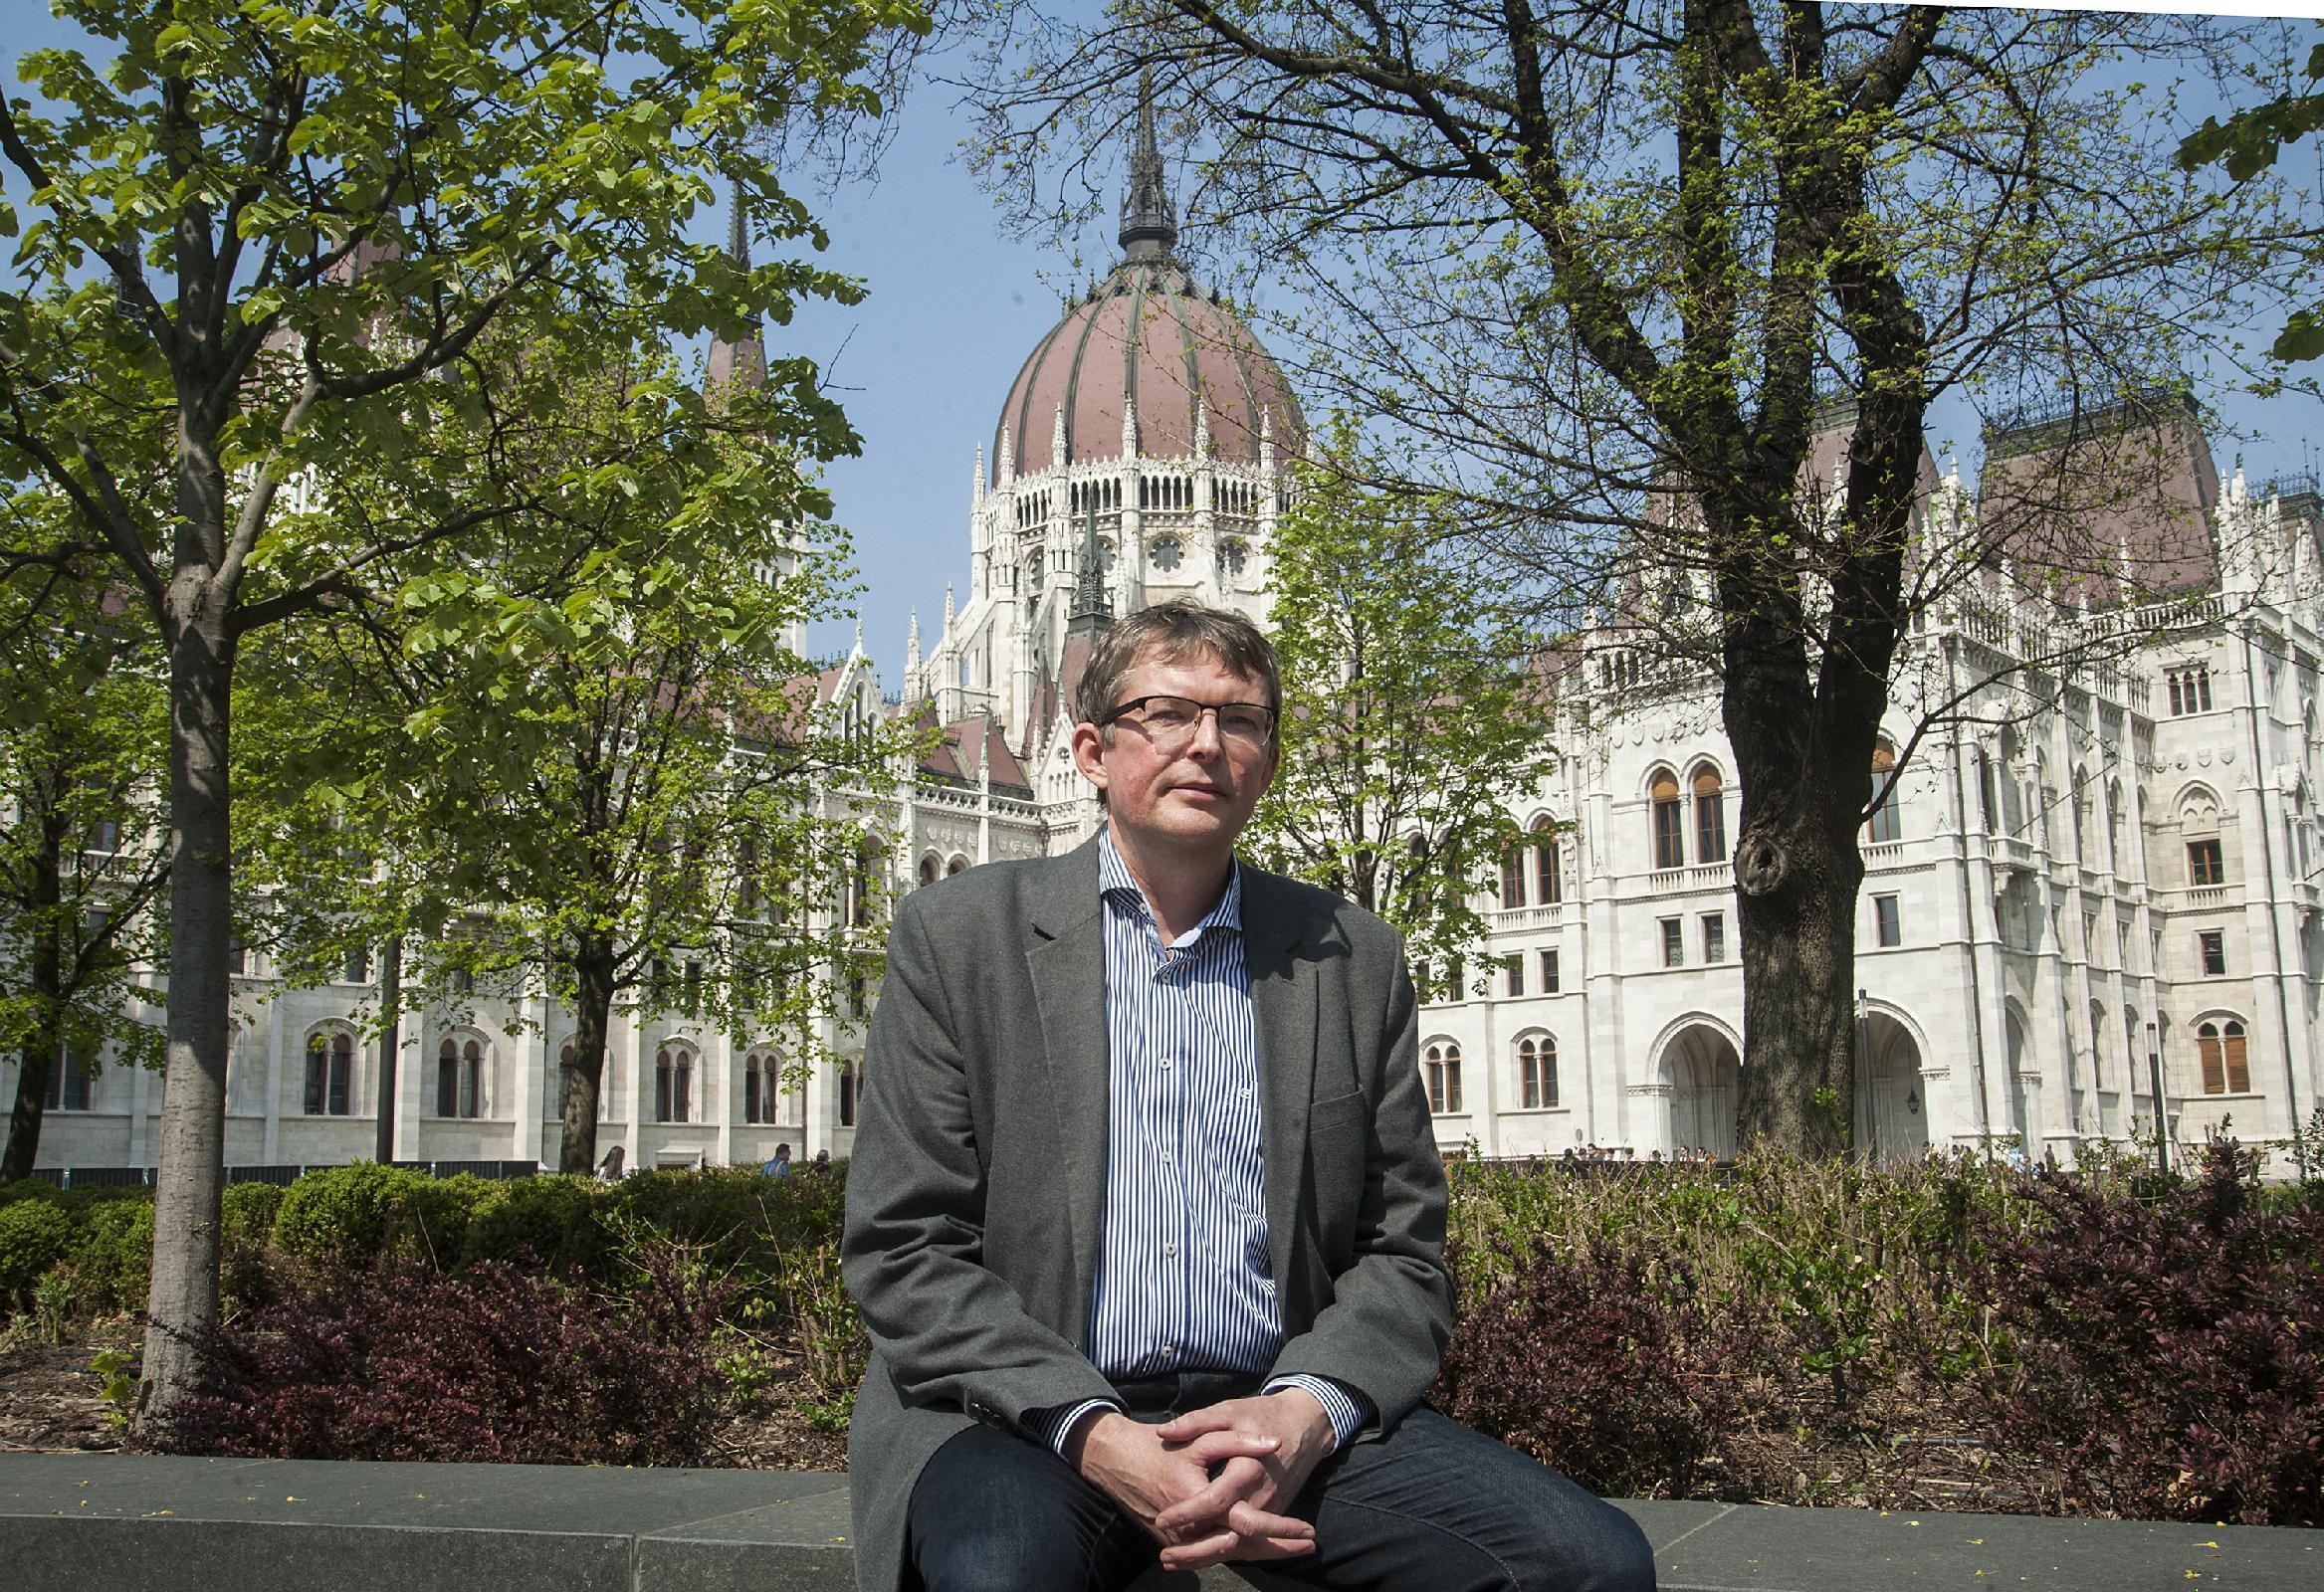 Szente Zoltán tudományos tanácsadó (MTA TK JTI), az MTA doktora, a parlamenti jog nemzetközileg is elismert kutatója. Alapkutatási tevékenysége magába foglalja a parlamentek nemzetközi összehasonlító elemzését, illetve a parlamentarizmus történetének kuta